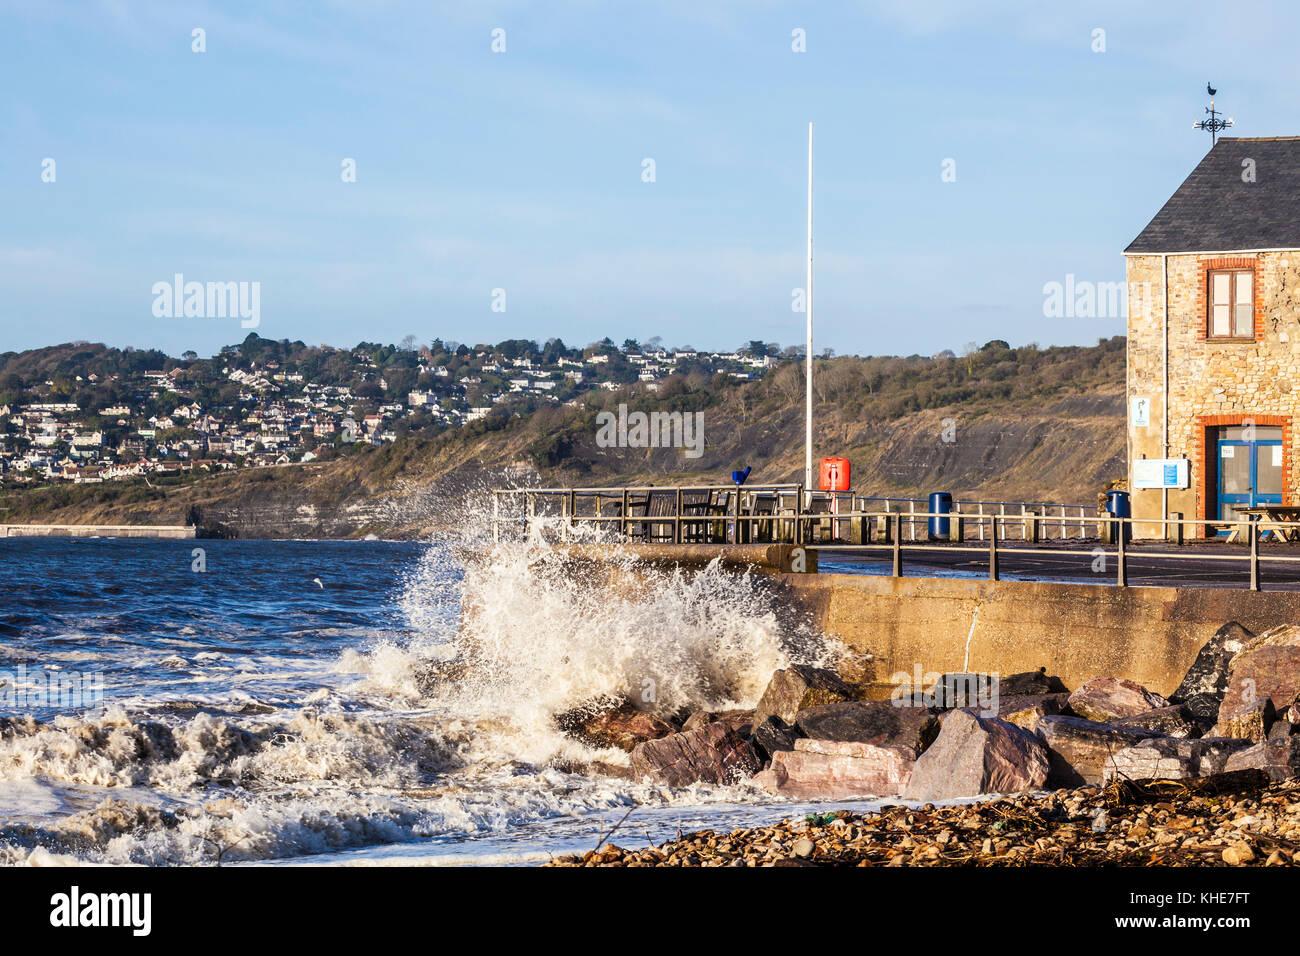 Las olas rompiendo contra el muelle en Charmouth en Dorset. Imagen De Stock